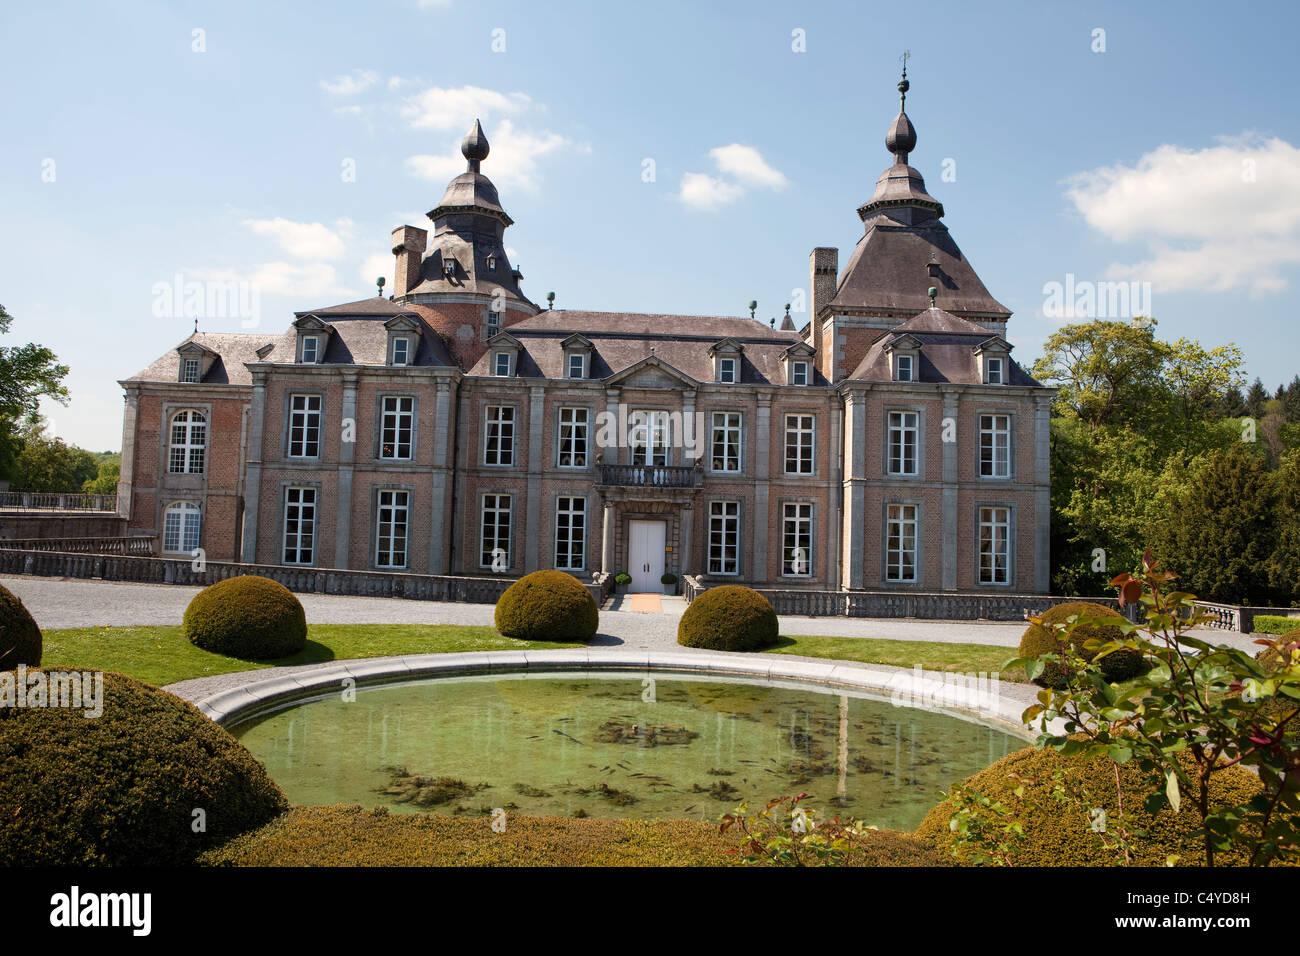 Château de Modave castle, Modave, province of Liège, Belgium, Europe - Stock Image